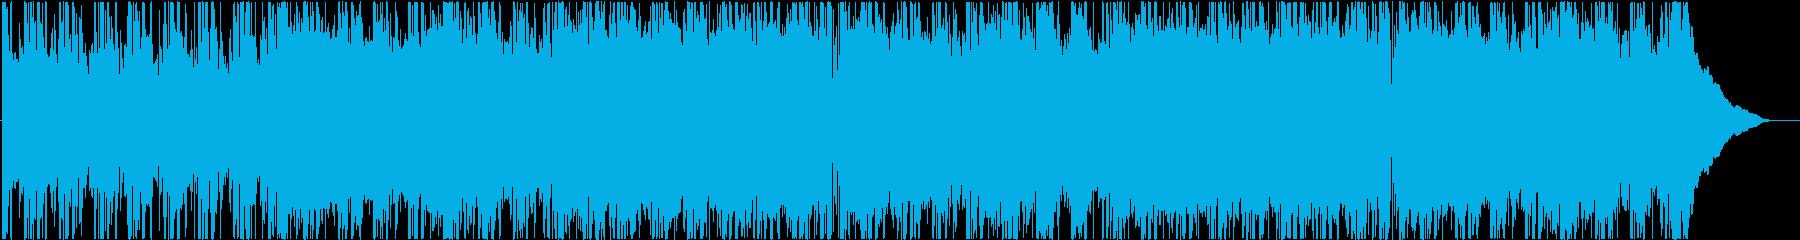 背景、ロックの再生済みの波形